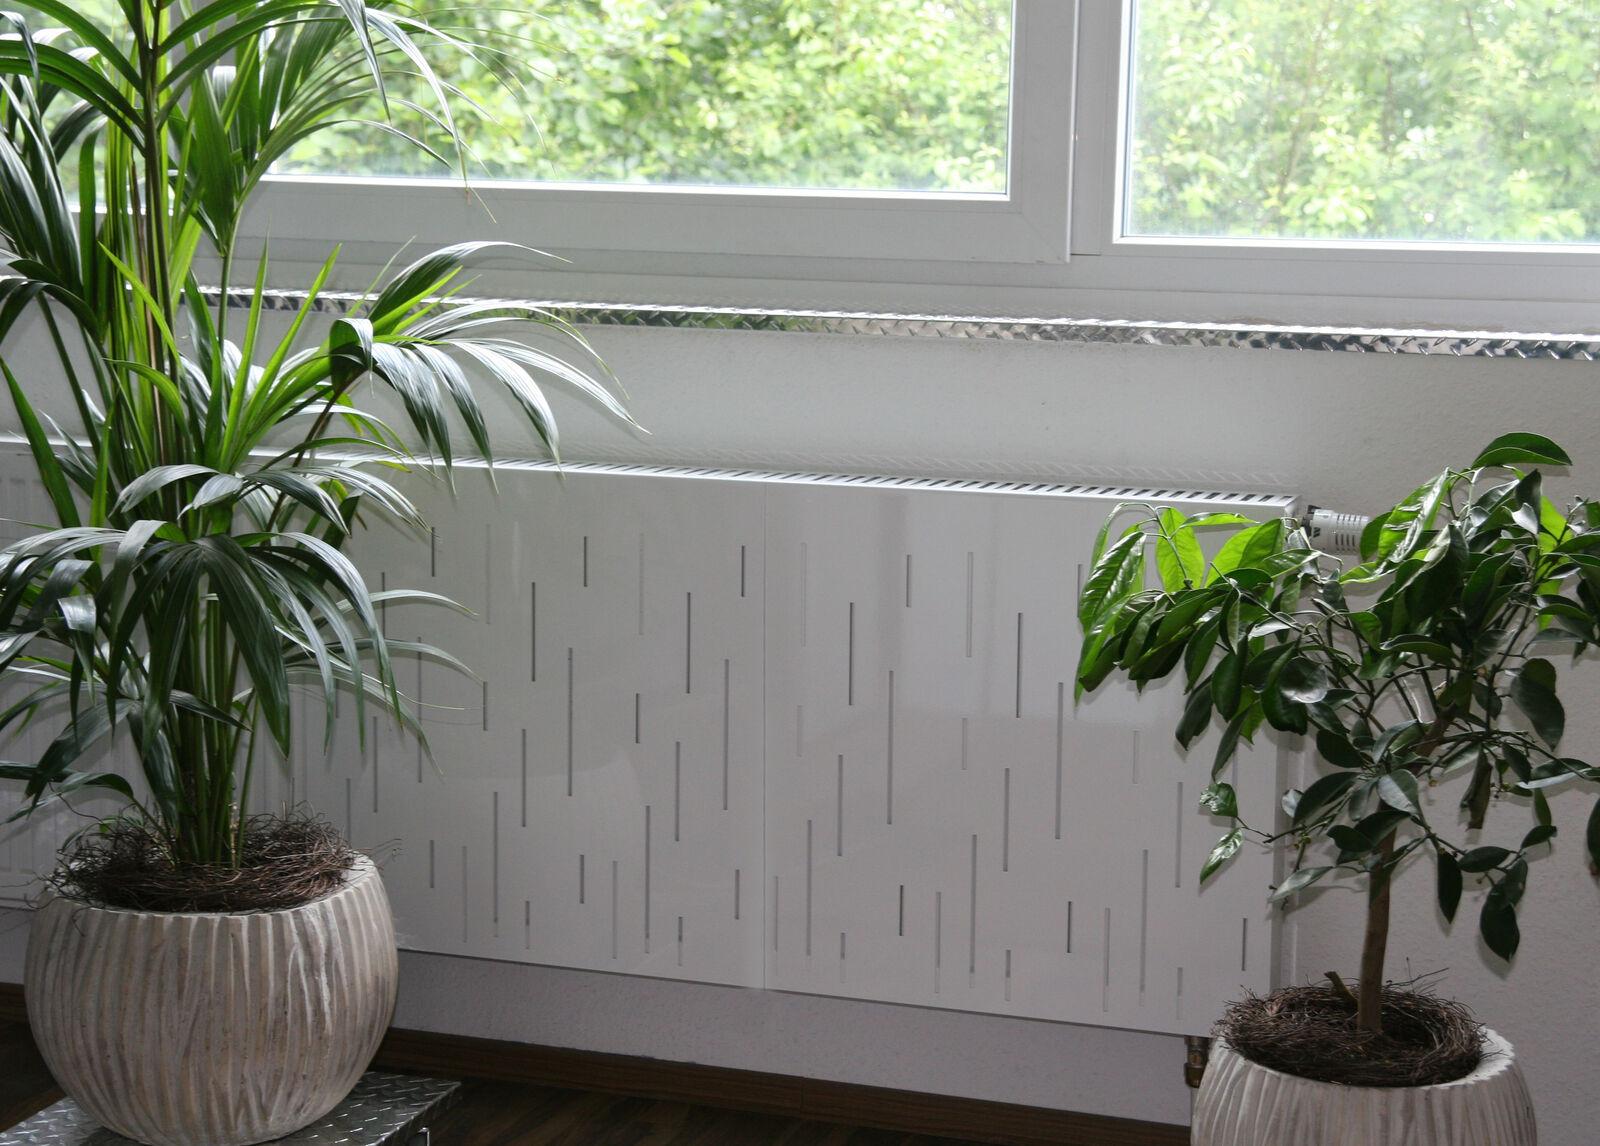 Heizkörperverkleidung Rain, 62 x 20 cm, weiß, Heizkörperabdeckung Heizkörper